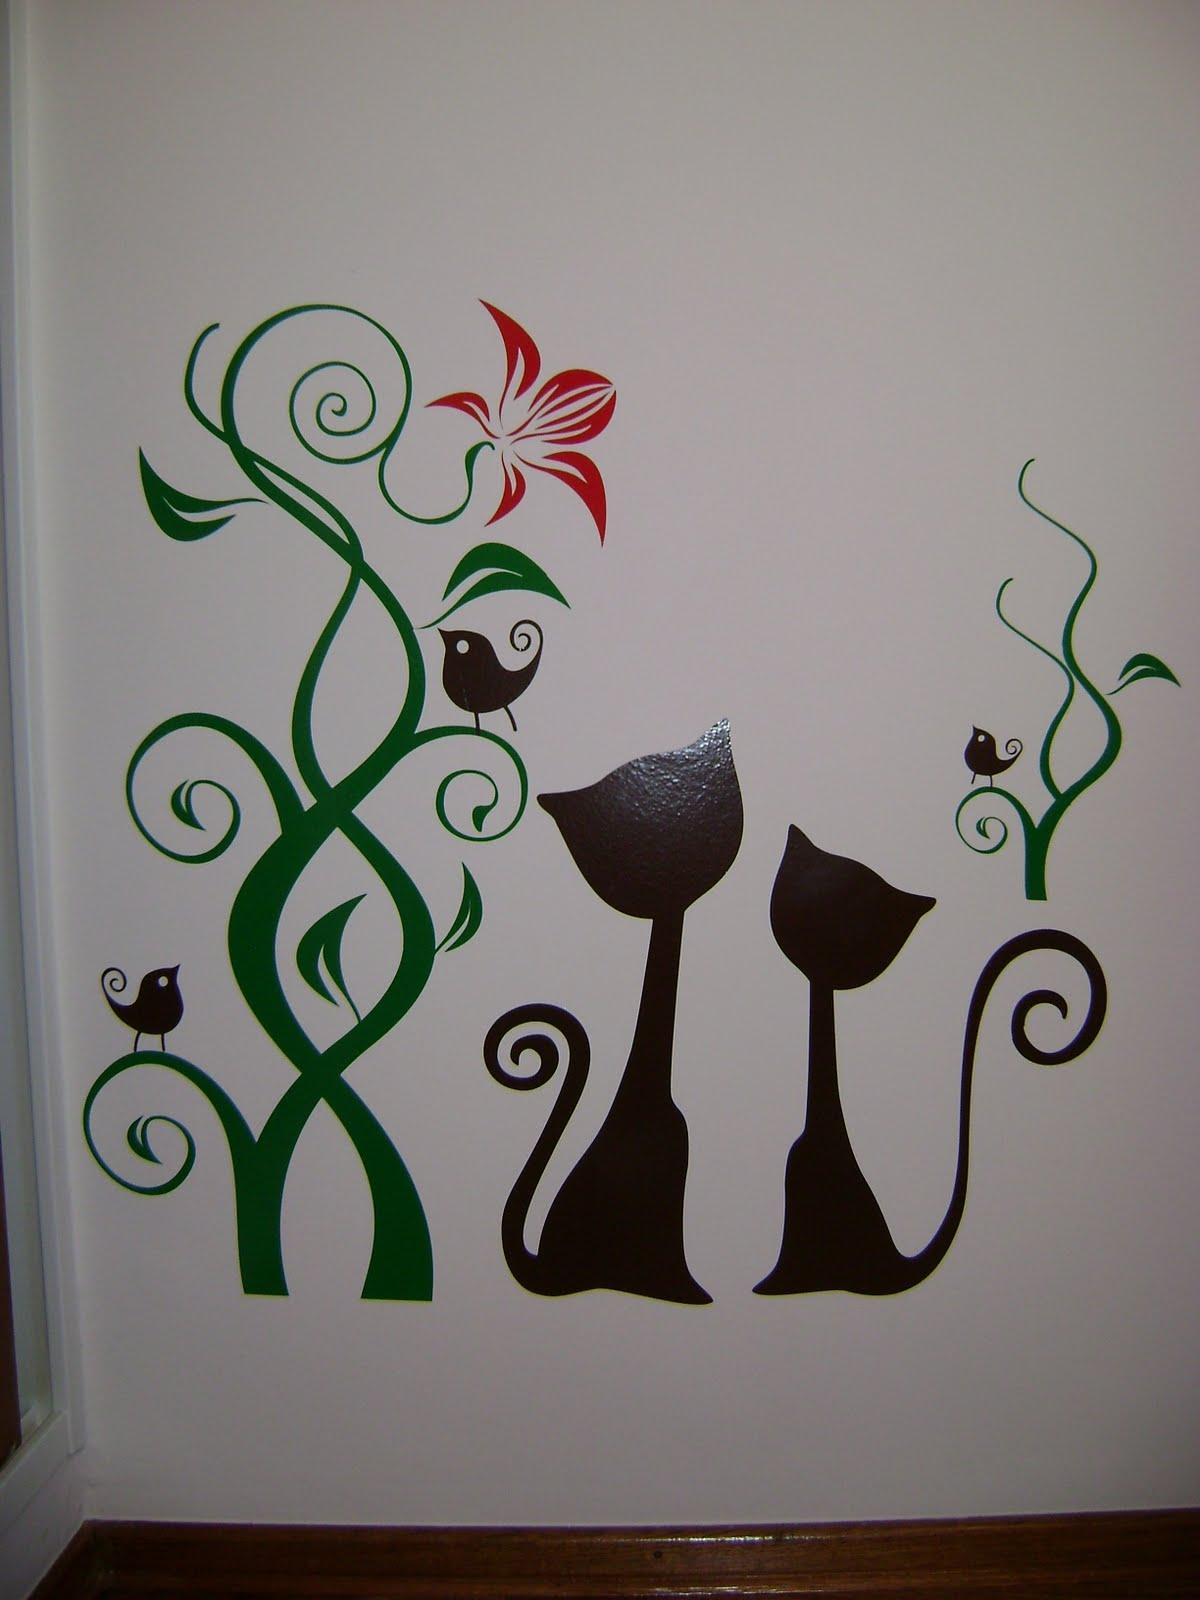 Vinilos decorativos infantiles florales y de adultos for En donde venden vinilos decorativos